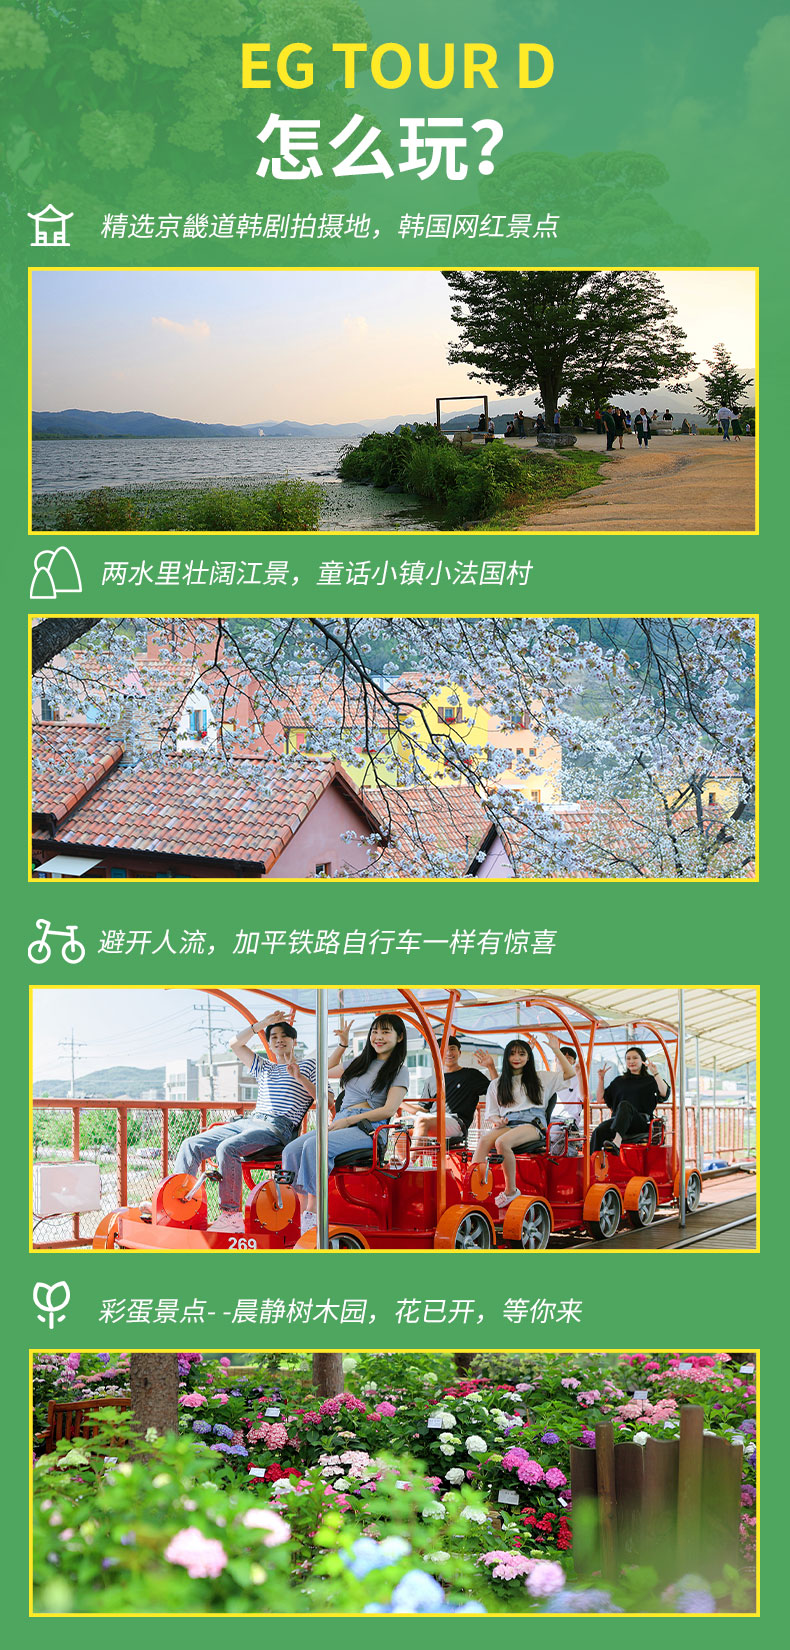 EG-TOUR-D加平&杨平-详情页_02.jpg